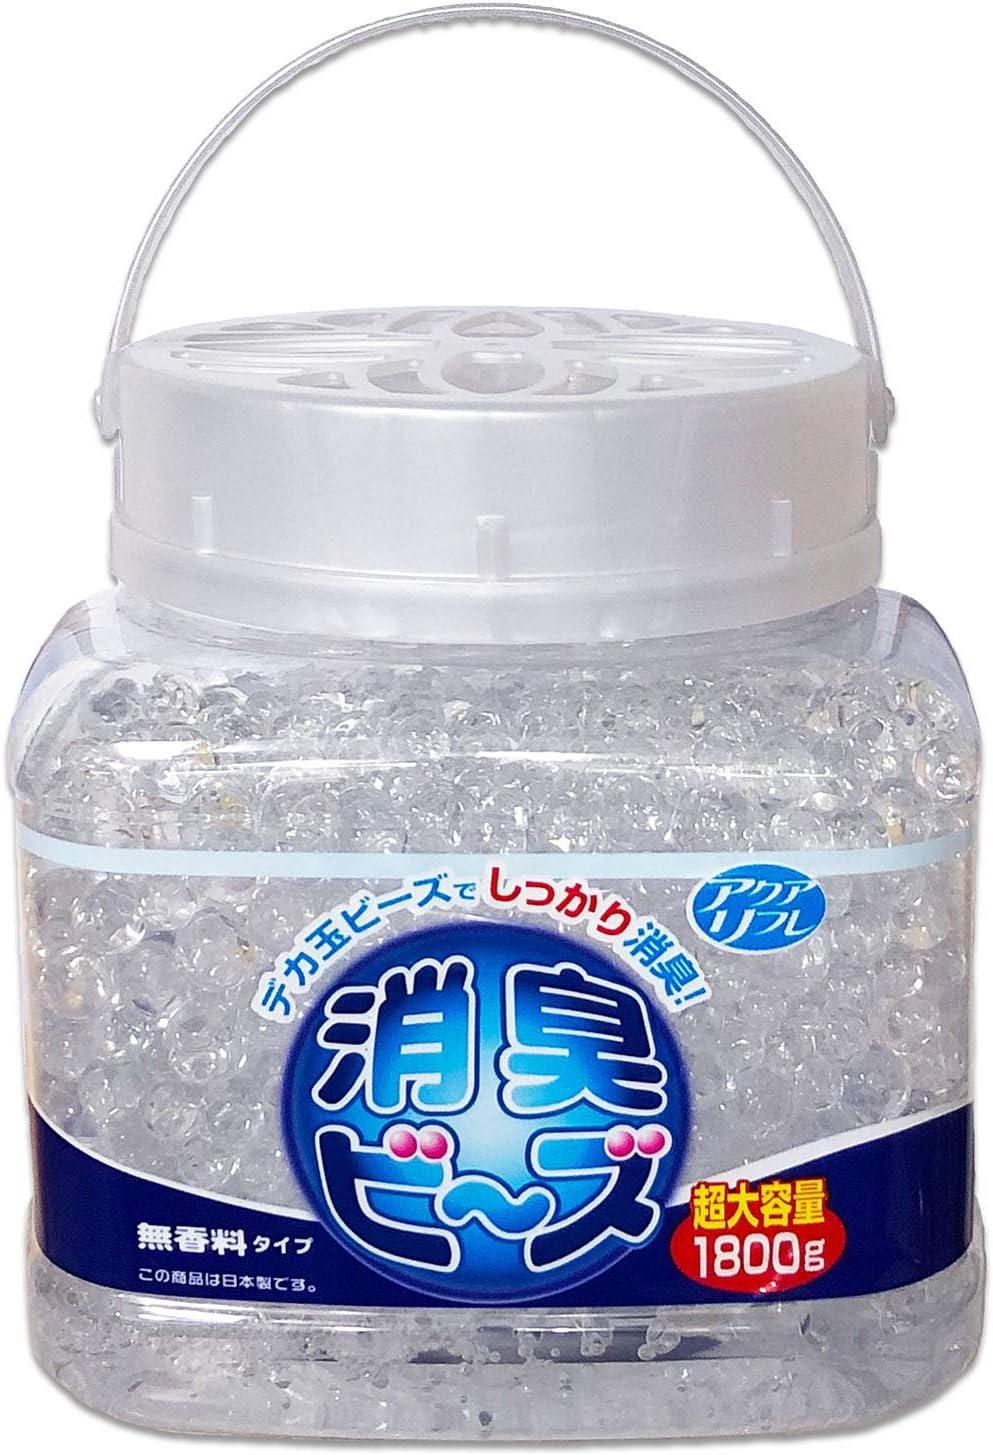 ライオンケミカル アクアリフレ 消臭剤 デカ玉 消臭ビーズ 無香料 特大